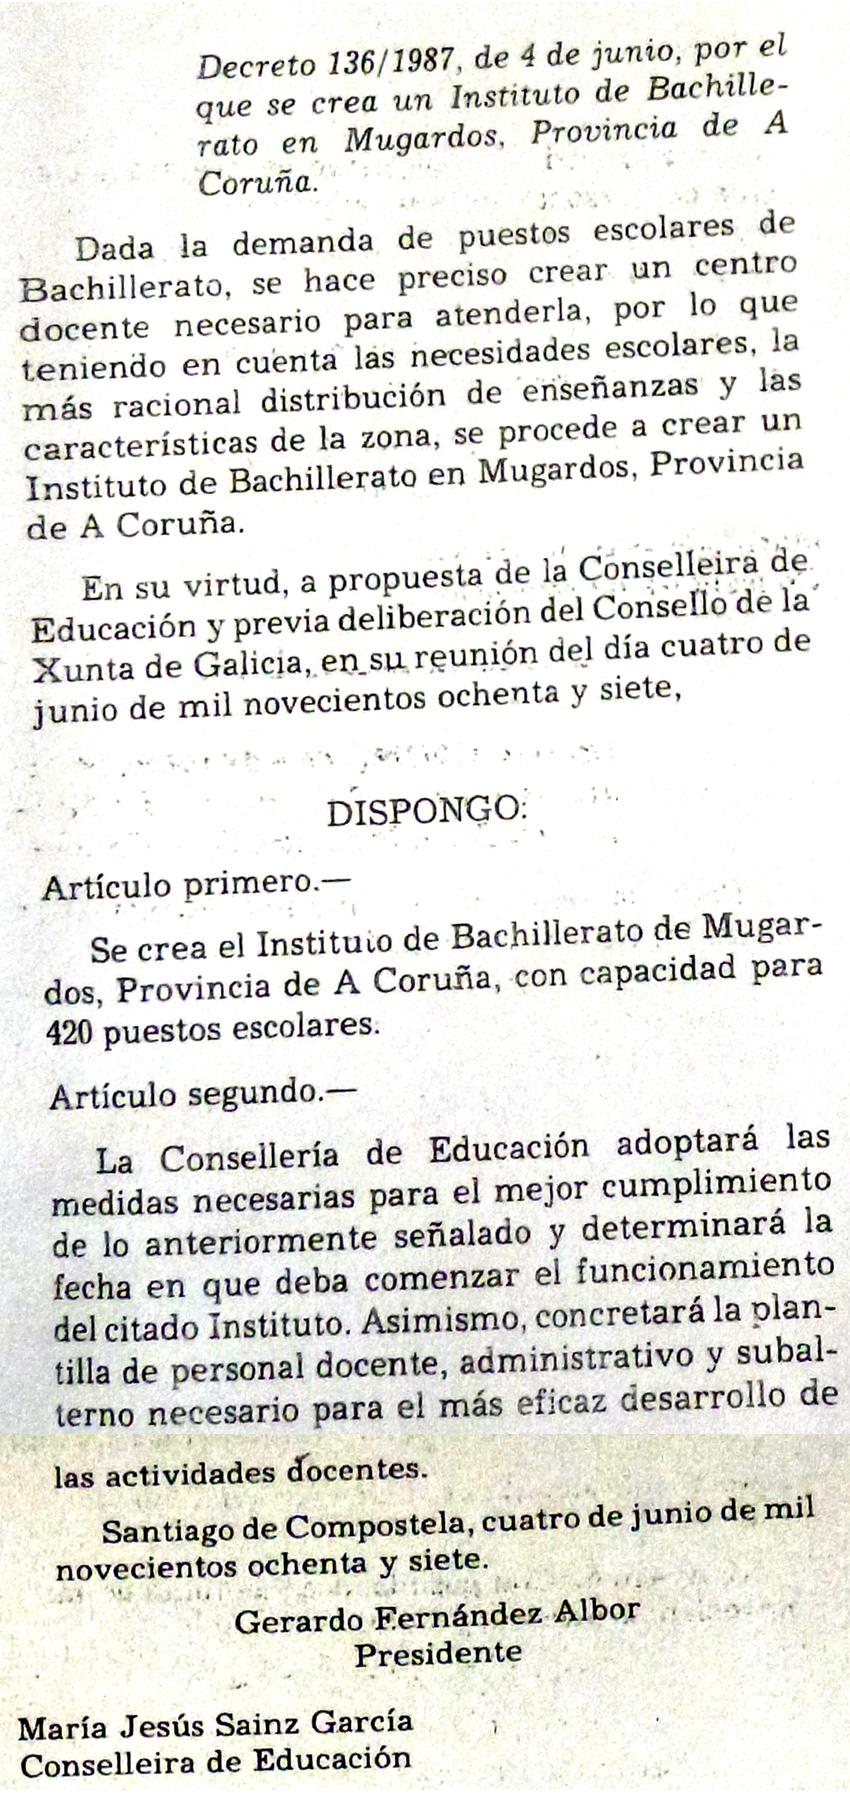 Decreto 136/1987